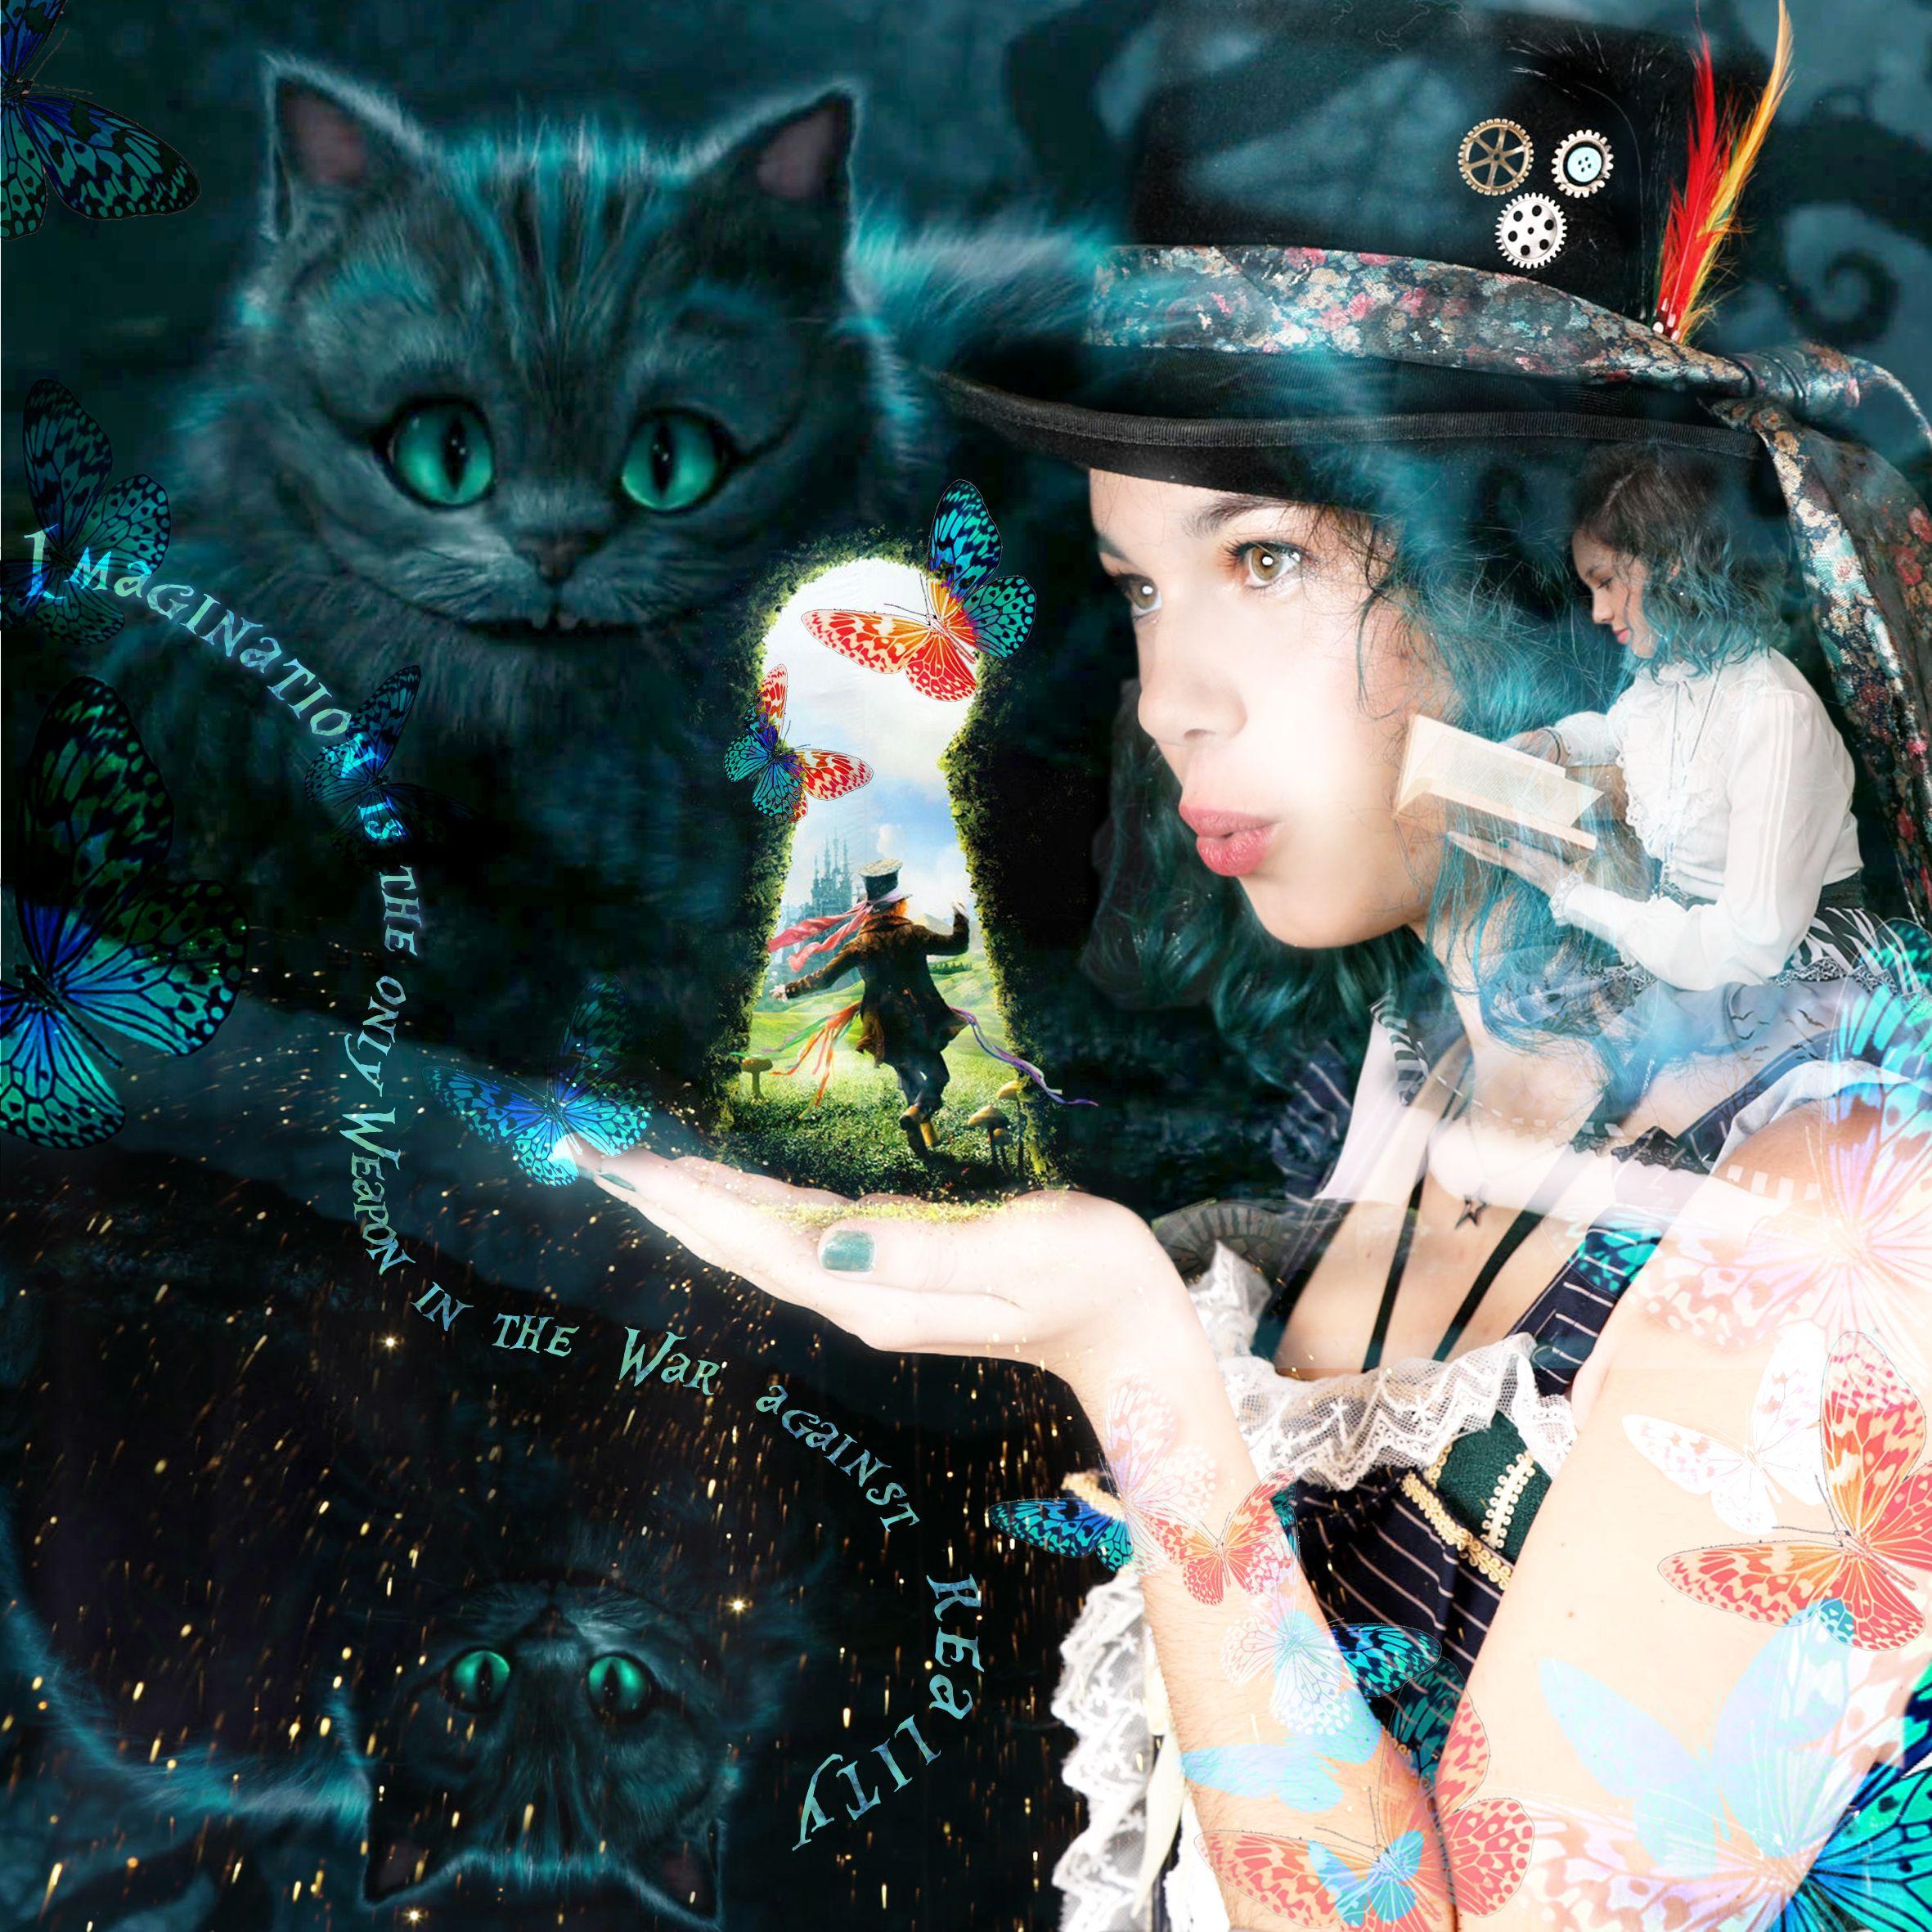 Montage photo, double exposition, Thème Alice au pays des Merveilles Faites voyager votre imagination ... #artduconfinement #confimentcréatif #aliceaupaysdesmerveilles #aliceinwonderland #dessin #crayondecouleurs #aquarelle